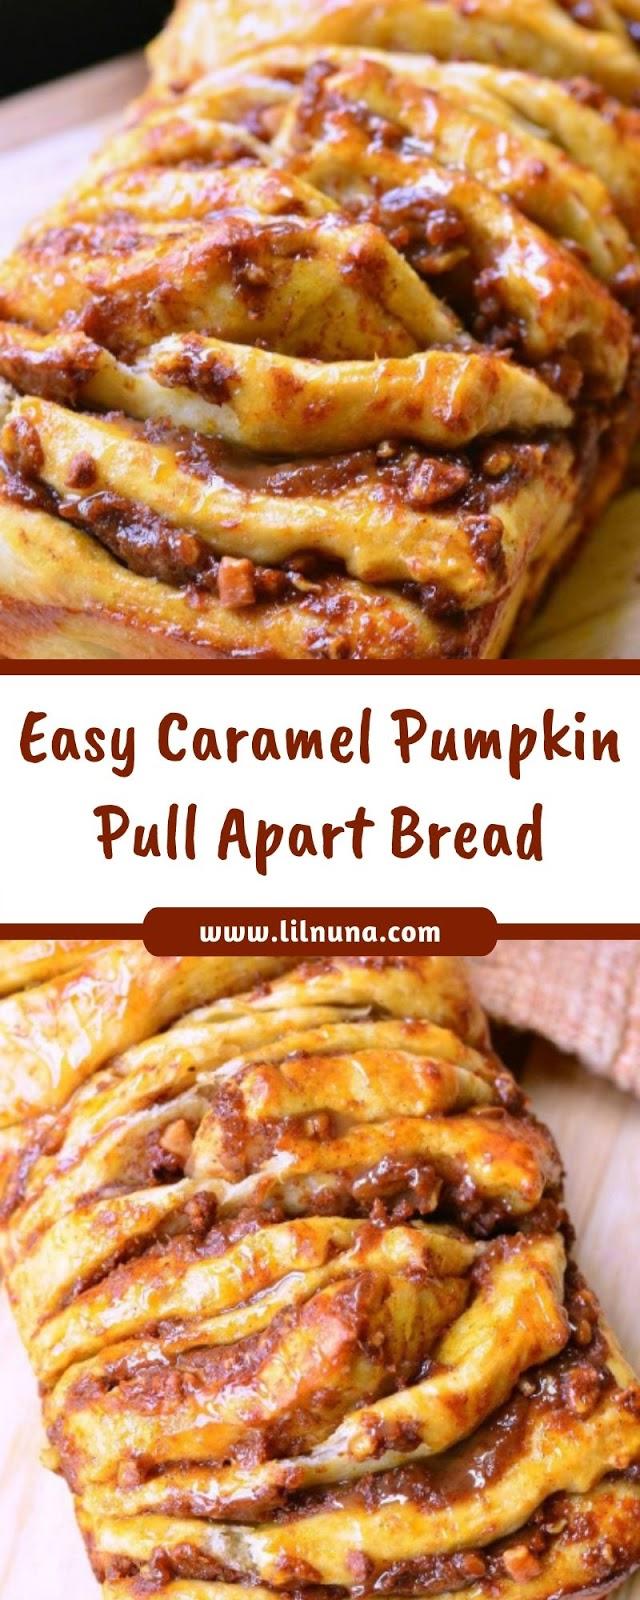 Easy Caramel Pumpkin Pull Apart Bread